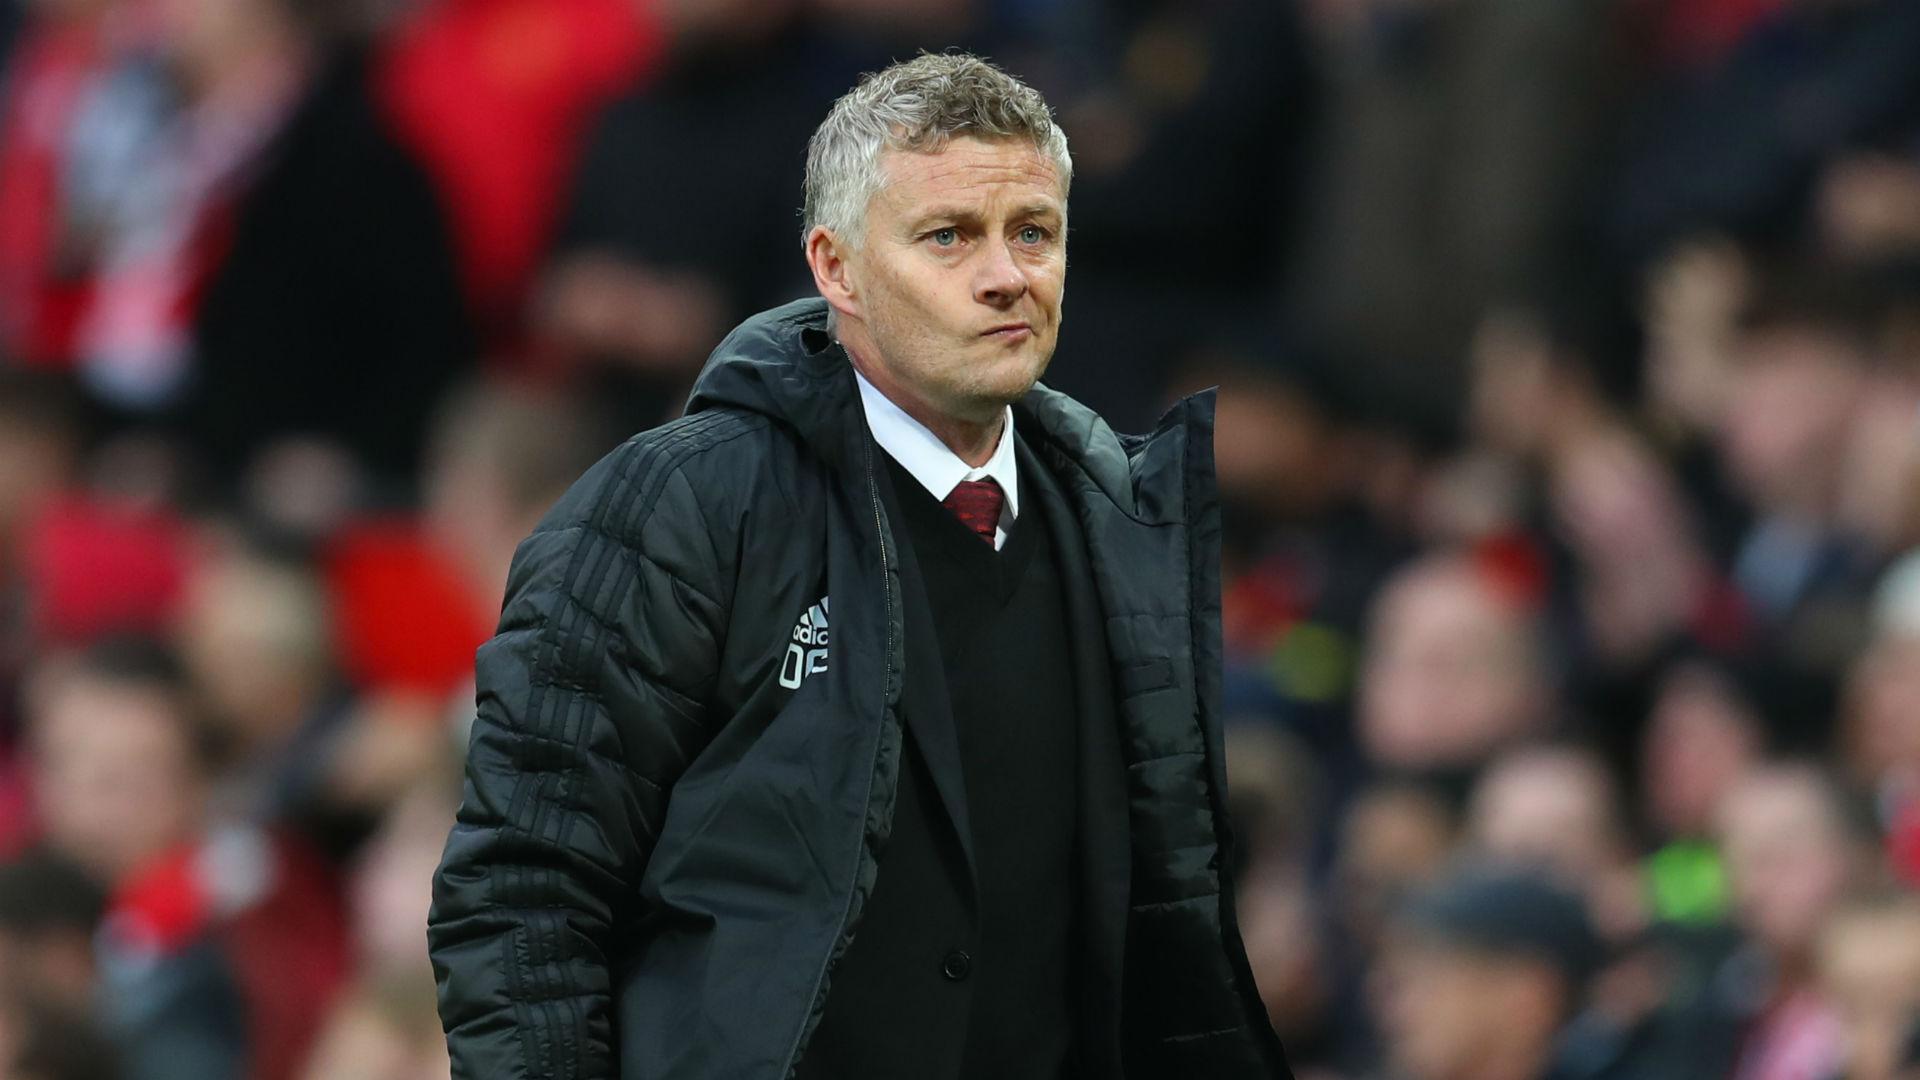 Solskjaer unsure over Man Utd's transfer plans due to COVID-19